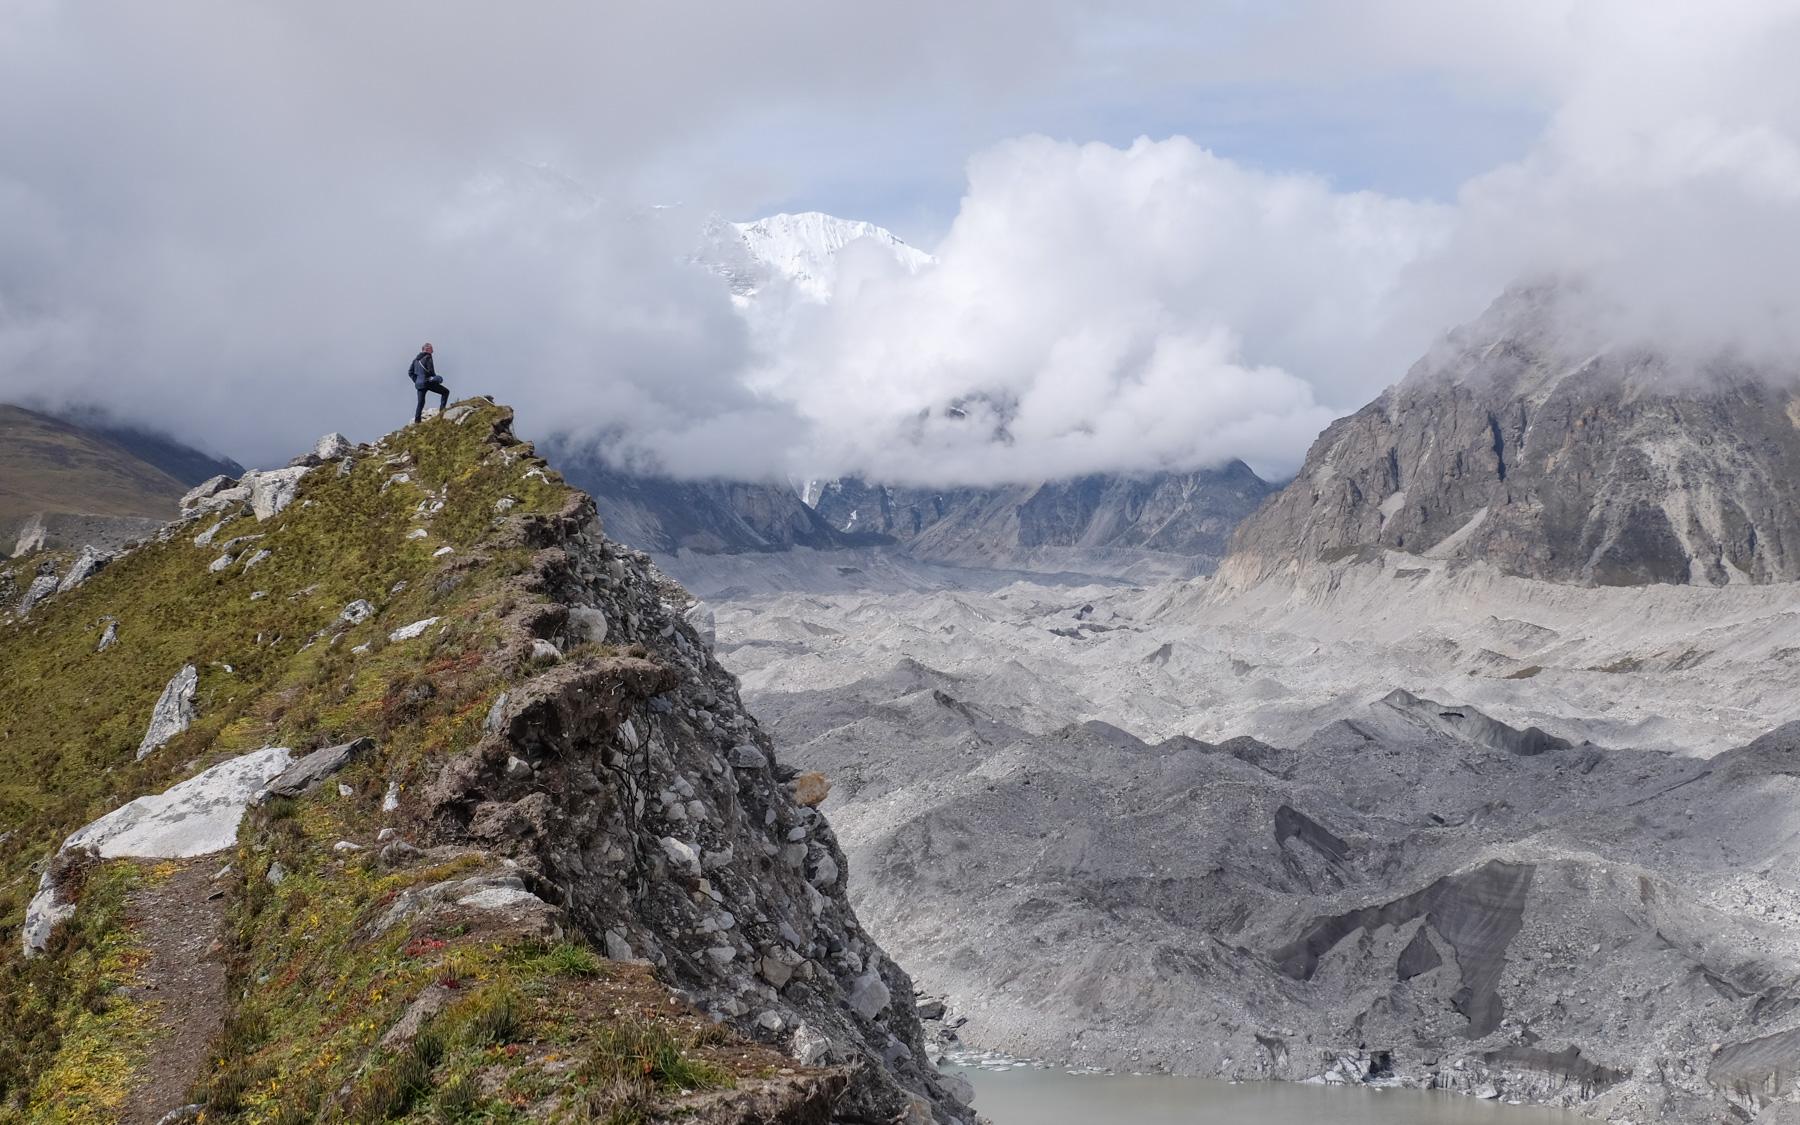 Kala Patthar & Gokyo, Everest 3 pass #3 65